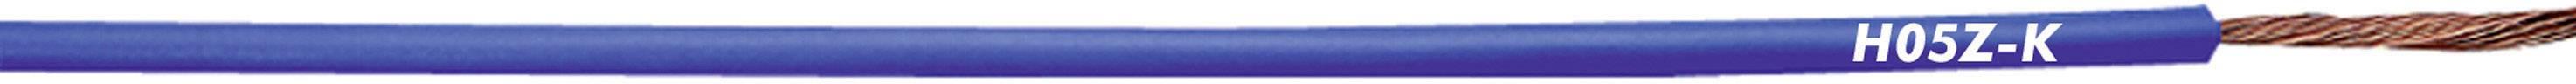 Opletenie / lanko LappKabel 4725033 H05Z-K, 1 x 1 mm², vonkajší Ø 2.50 mm, metrový tovar, hnedá